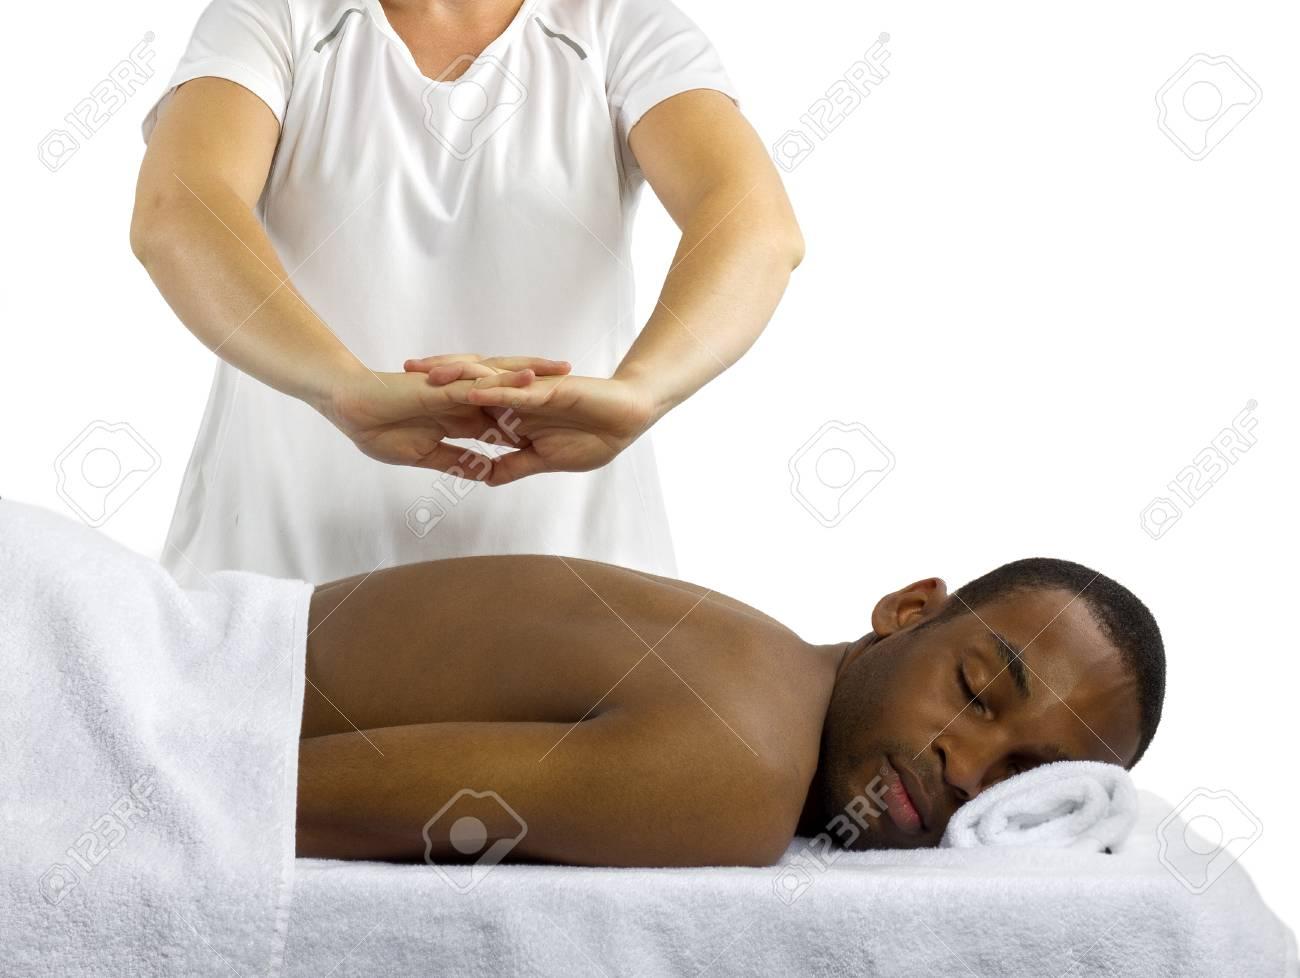 Sexe de massage féminin